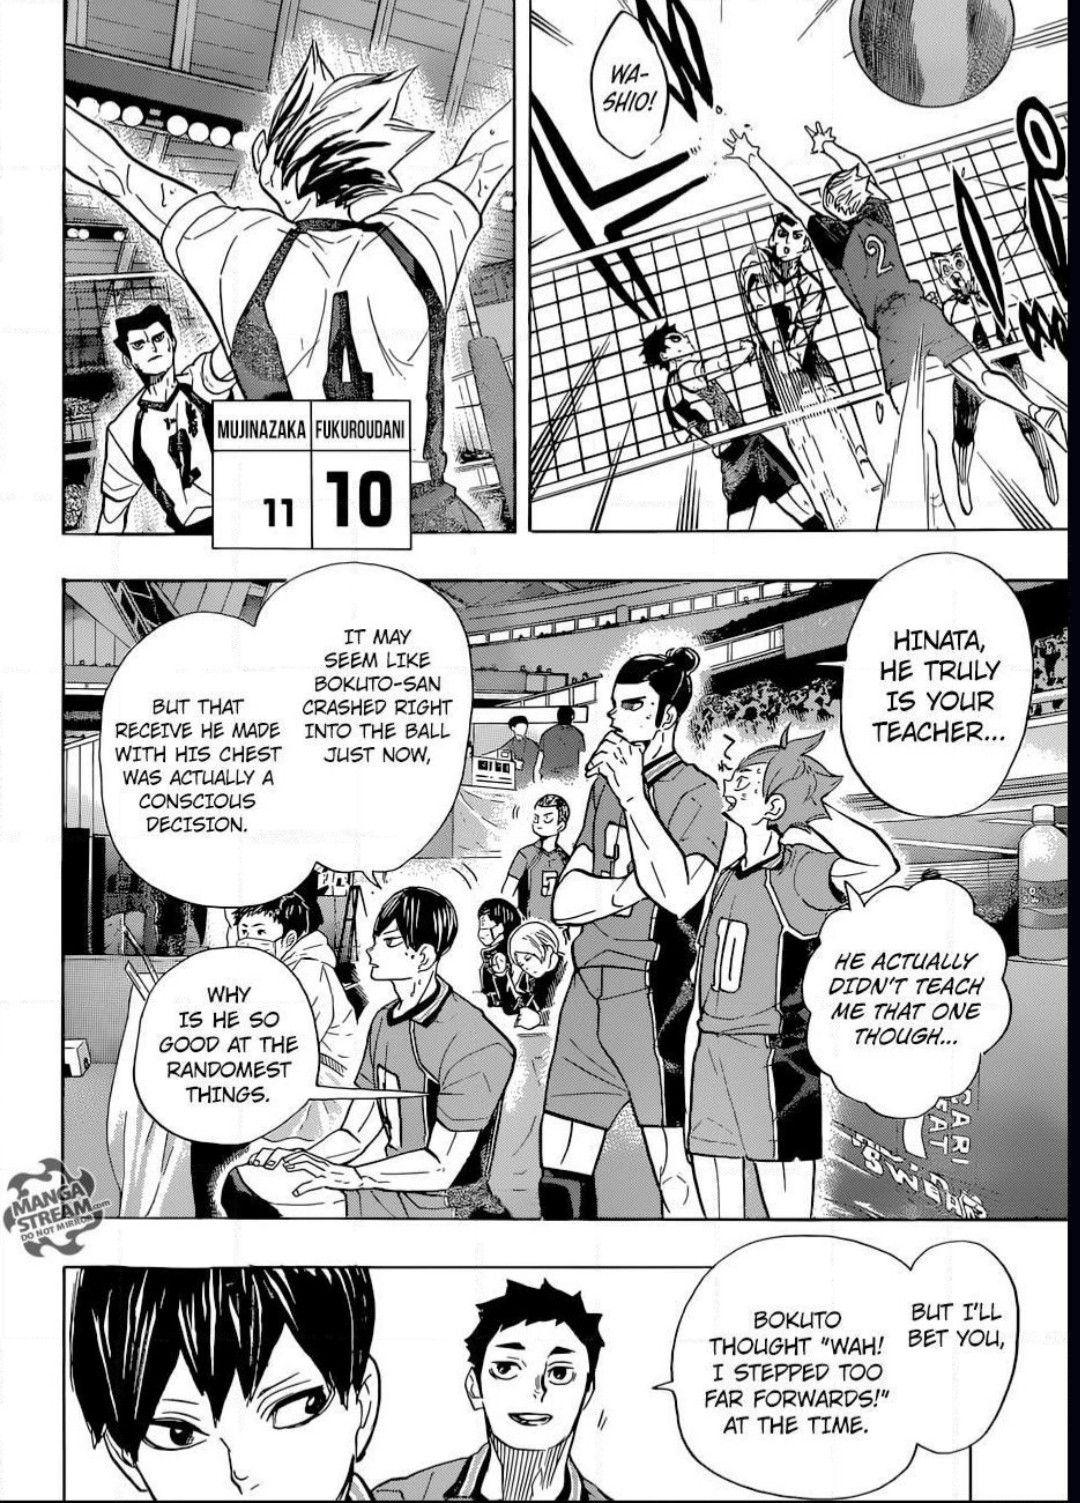 Haikyuu Chapter 293 Read Haikyuu Manga Online Vozeli Com Bahasa indonesia selalu update di komikindo. vozeli com